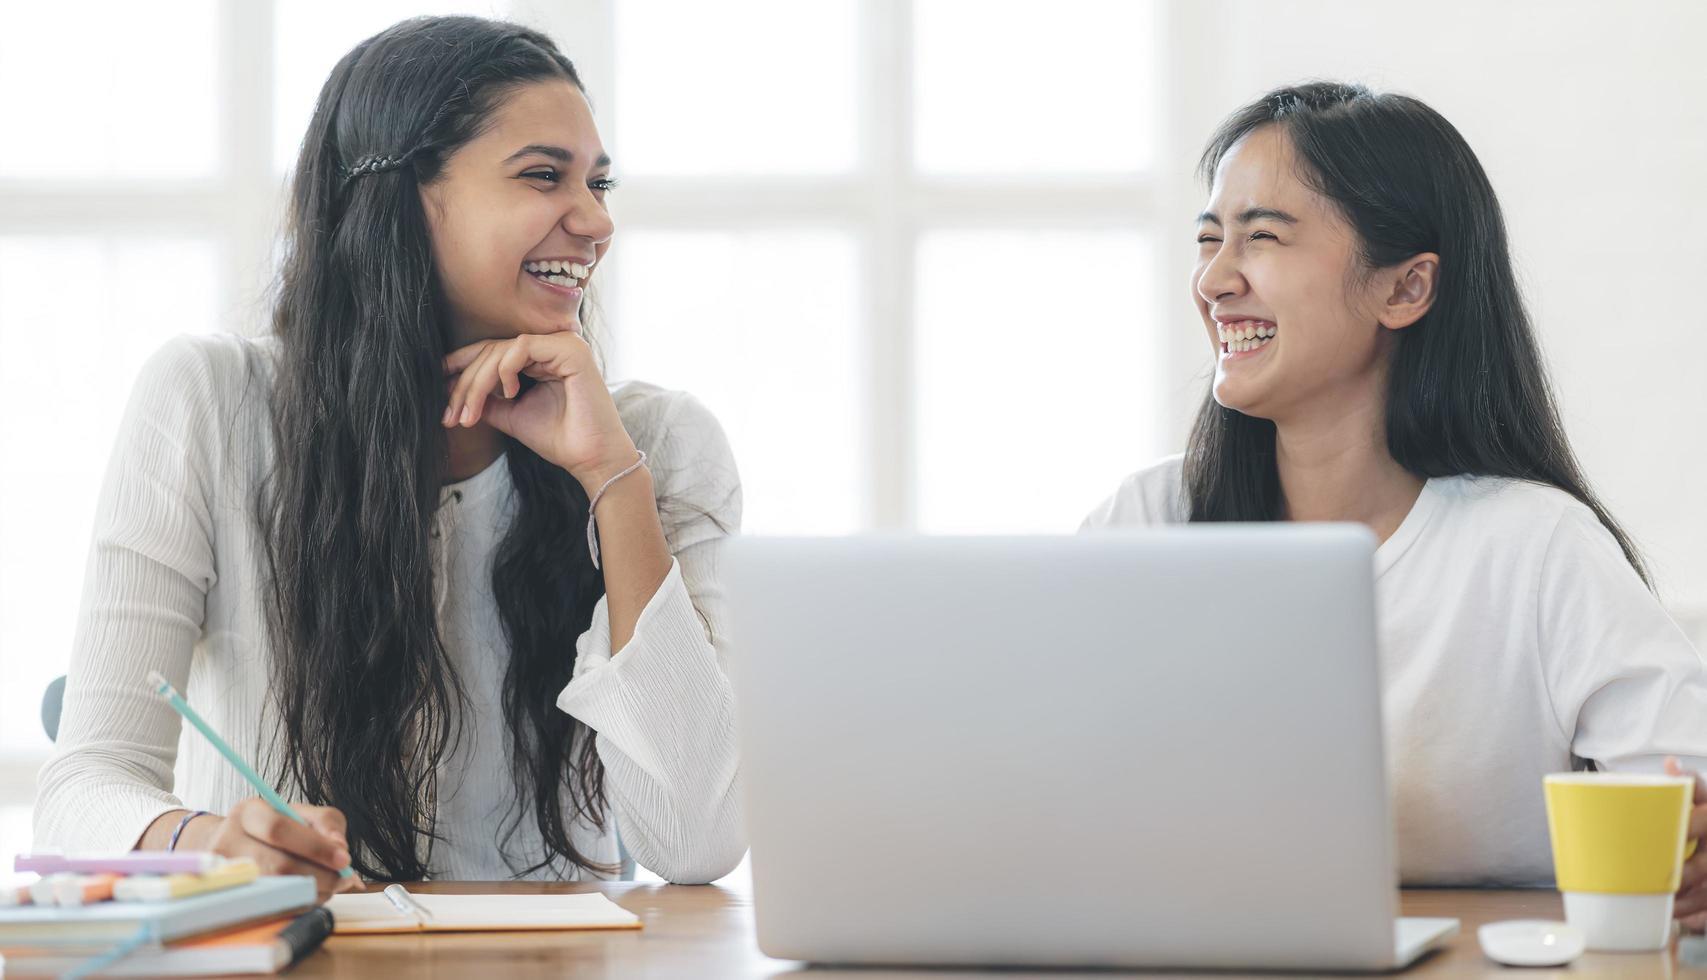 zwei junge Frauen, die zu Hause Kontakte knüpfen foto